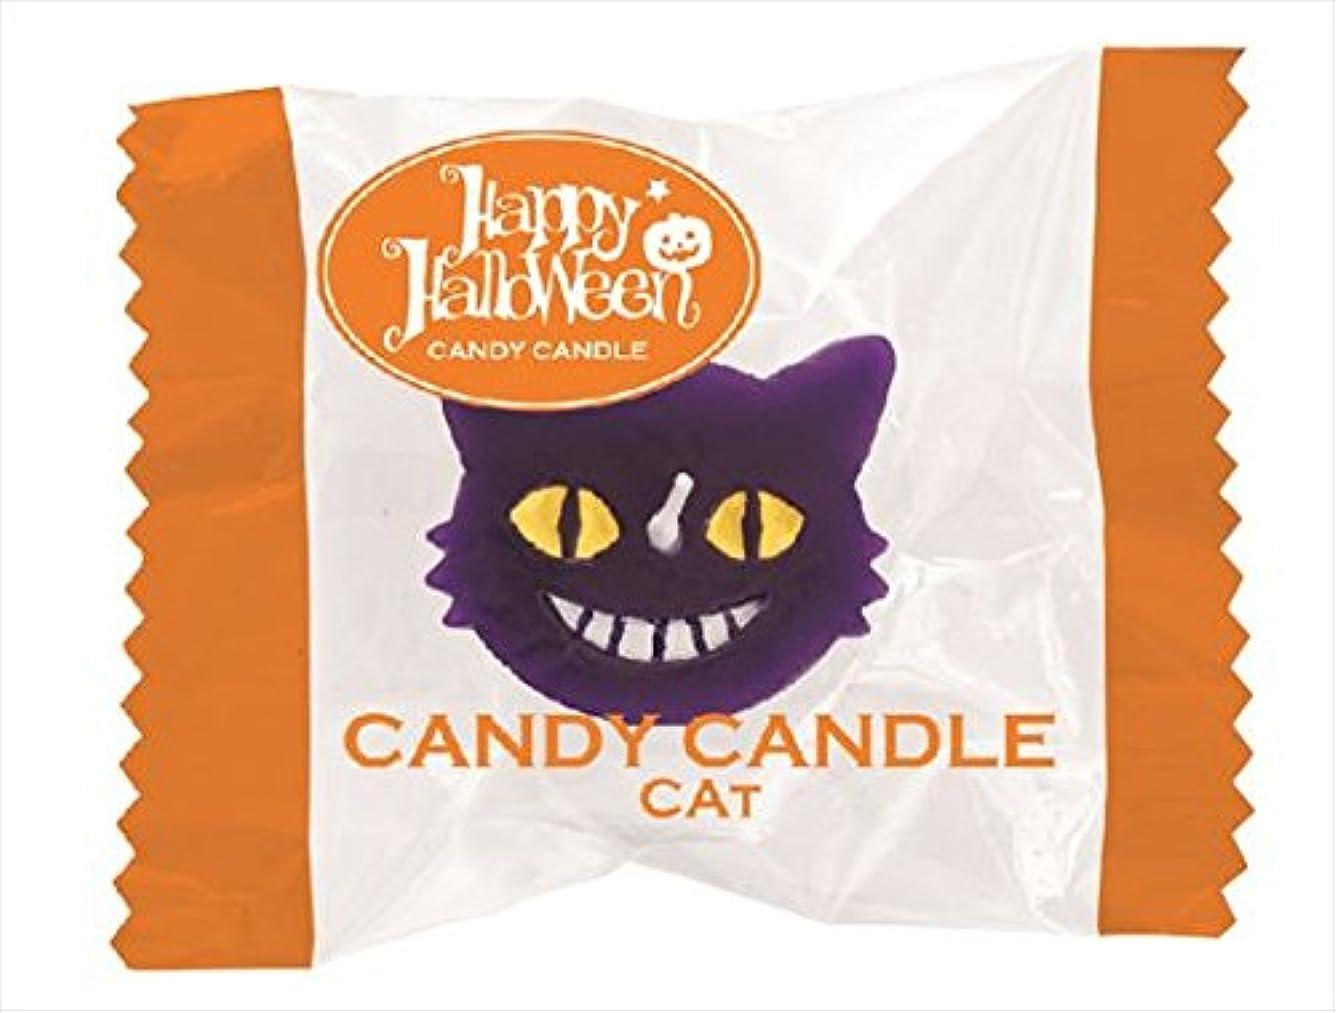 ジーンズしてはいけません提出するカメヤマキャンドル(kameyama candle) キャンディーキャンドル 「 キャット 」